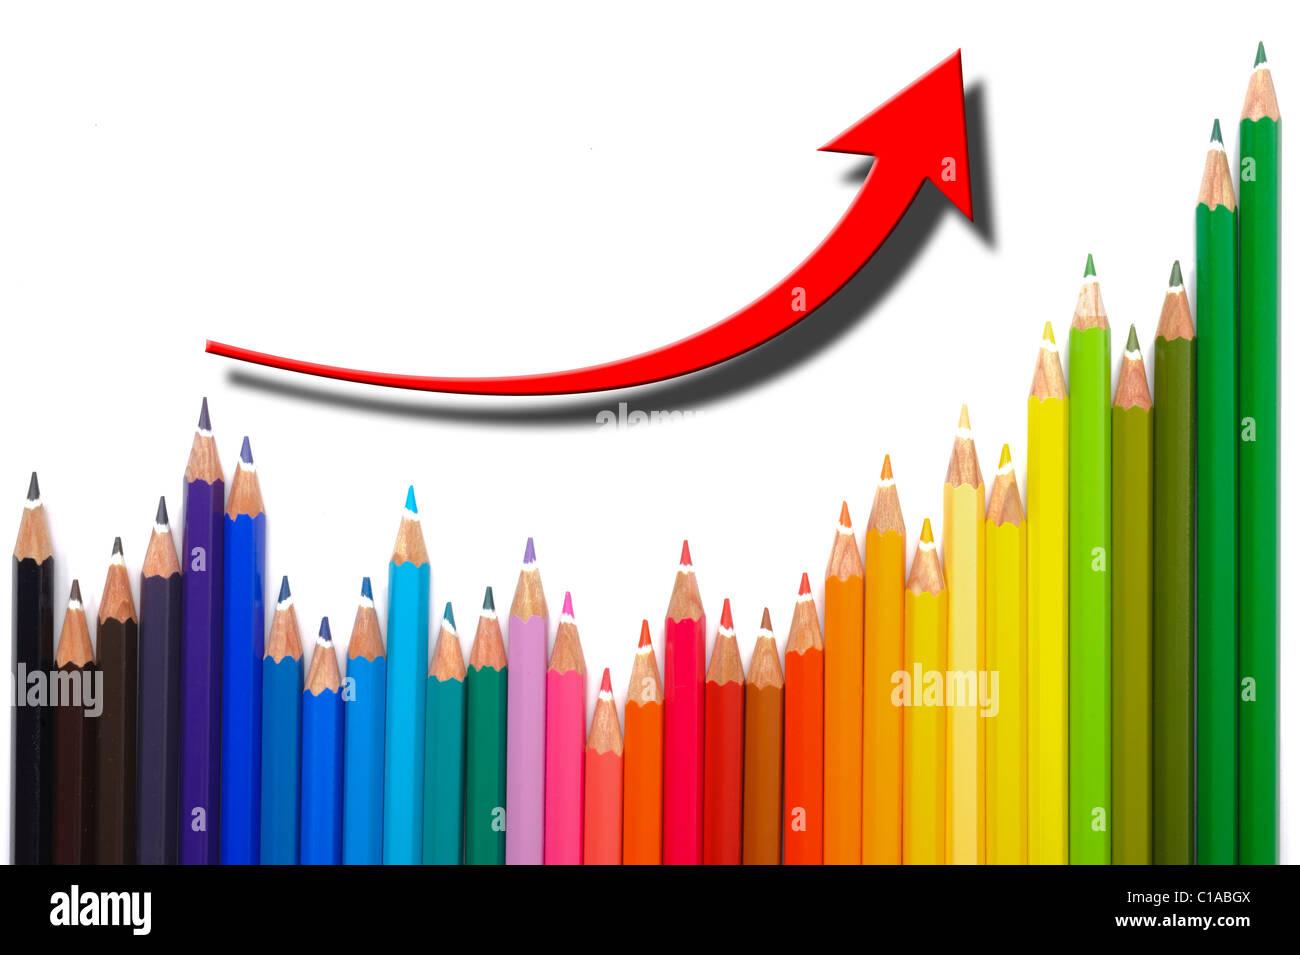 El gráfico muestra el éxito empresarial Imagen De Stock